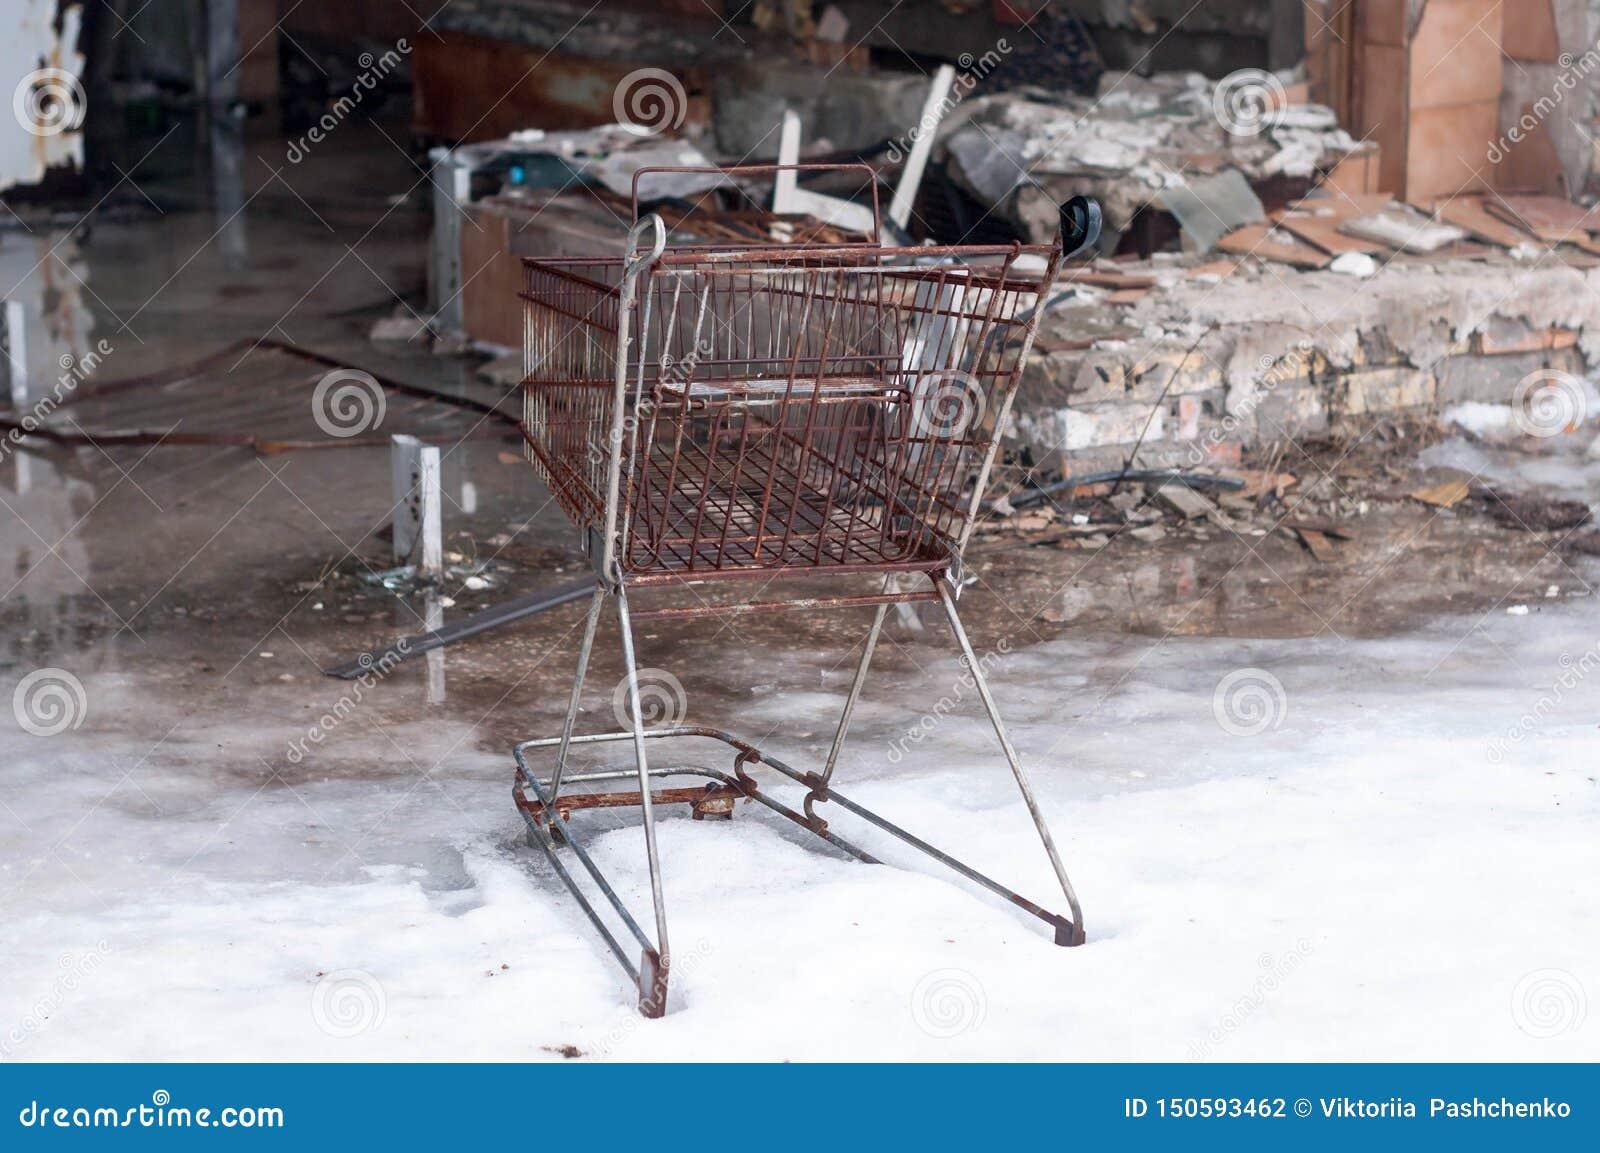 Canestro arrugginito e mobilia rotta in negozio distrutto in Pripyt, Cernobyl